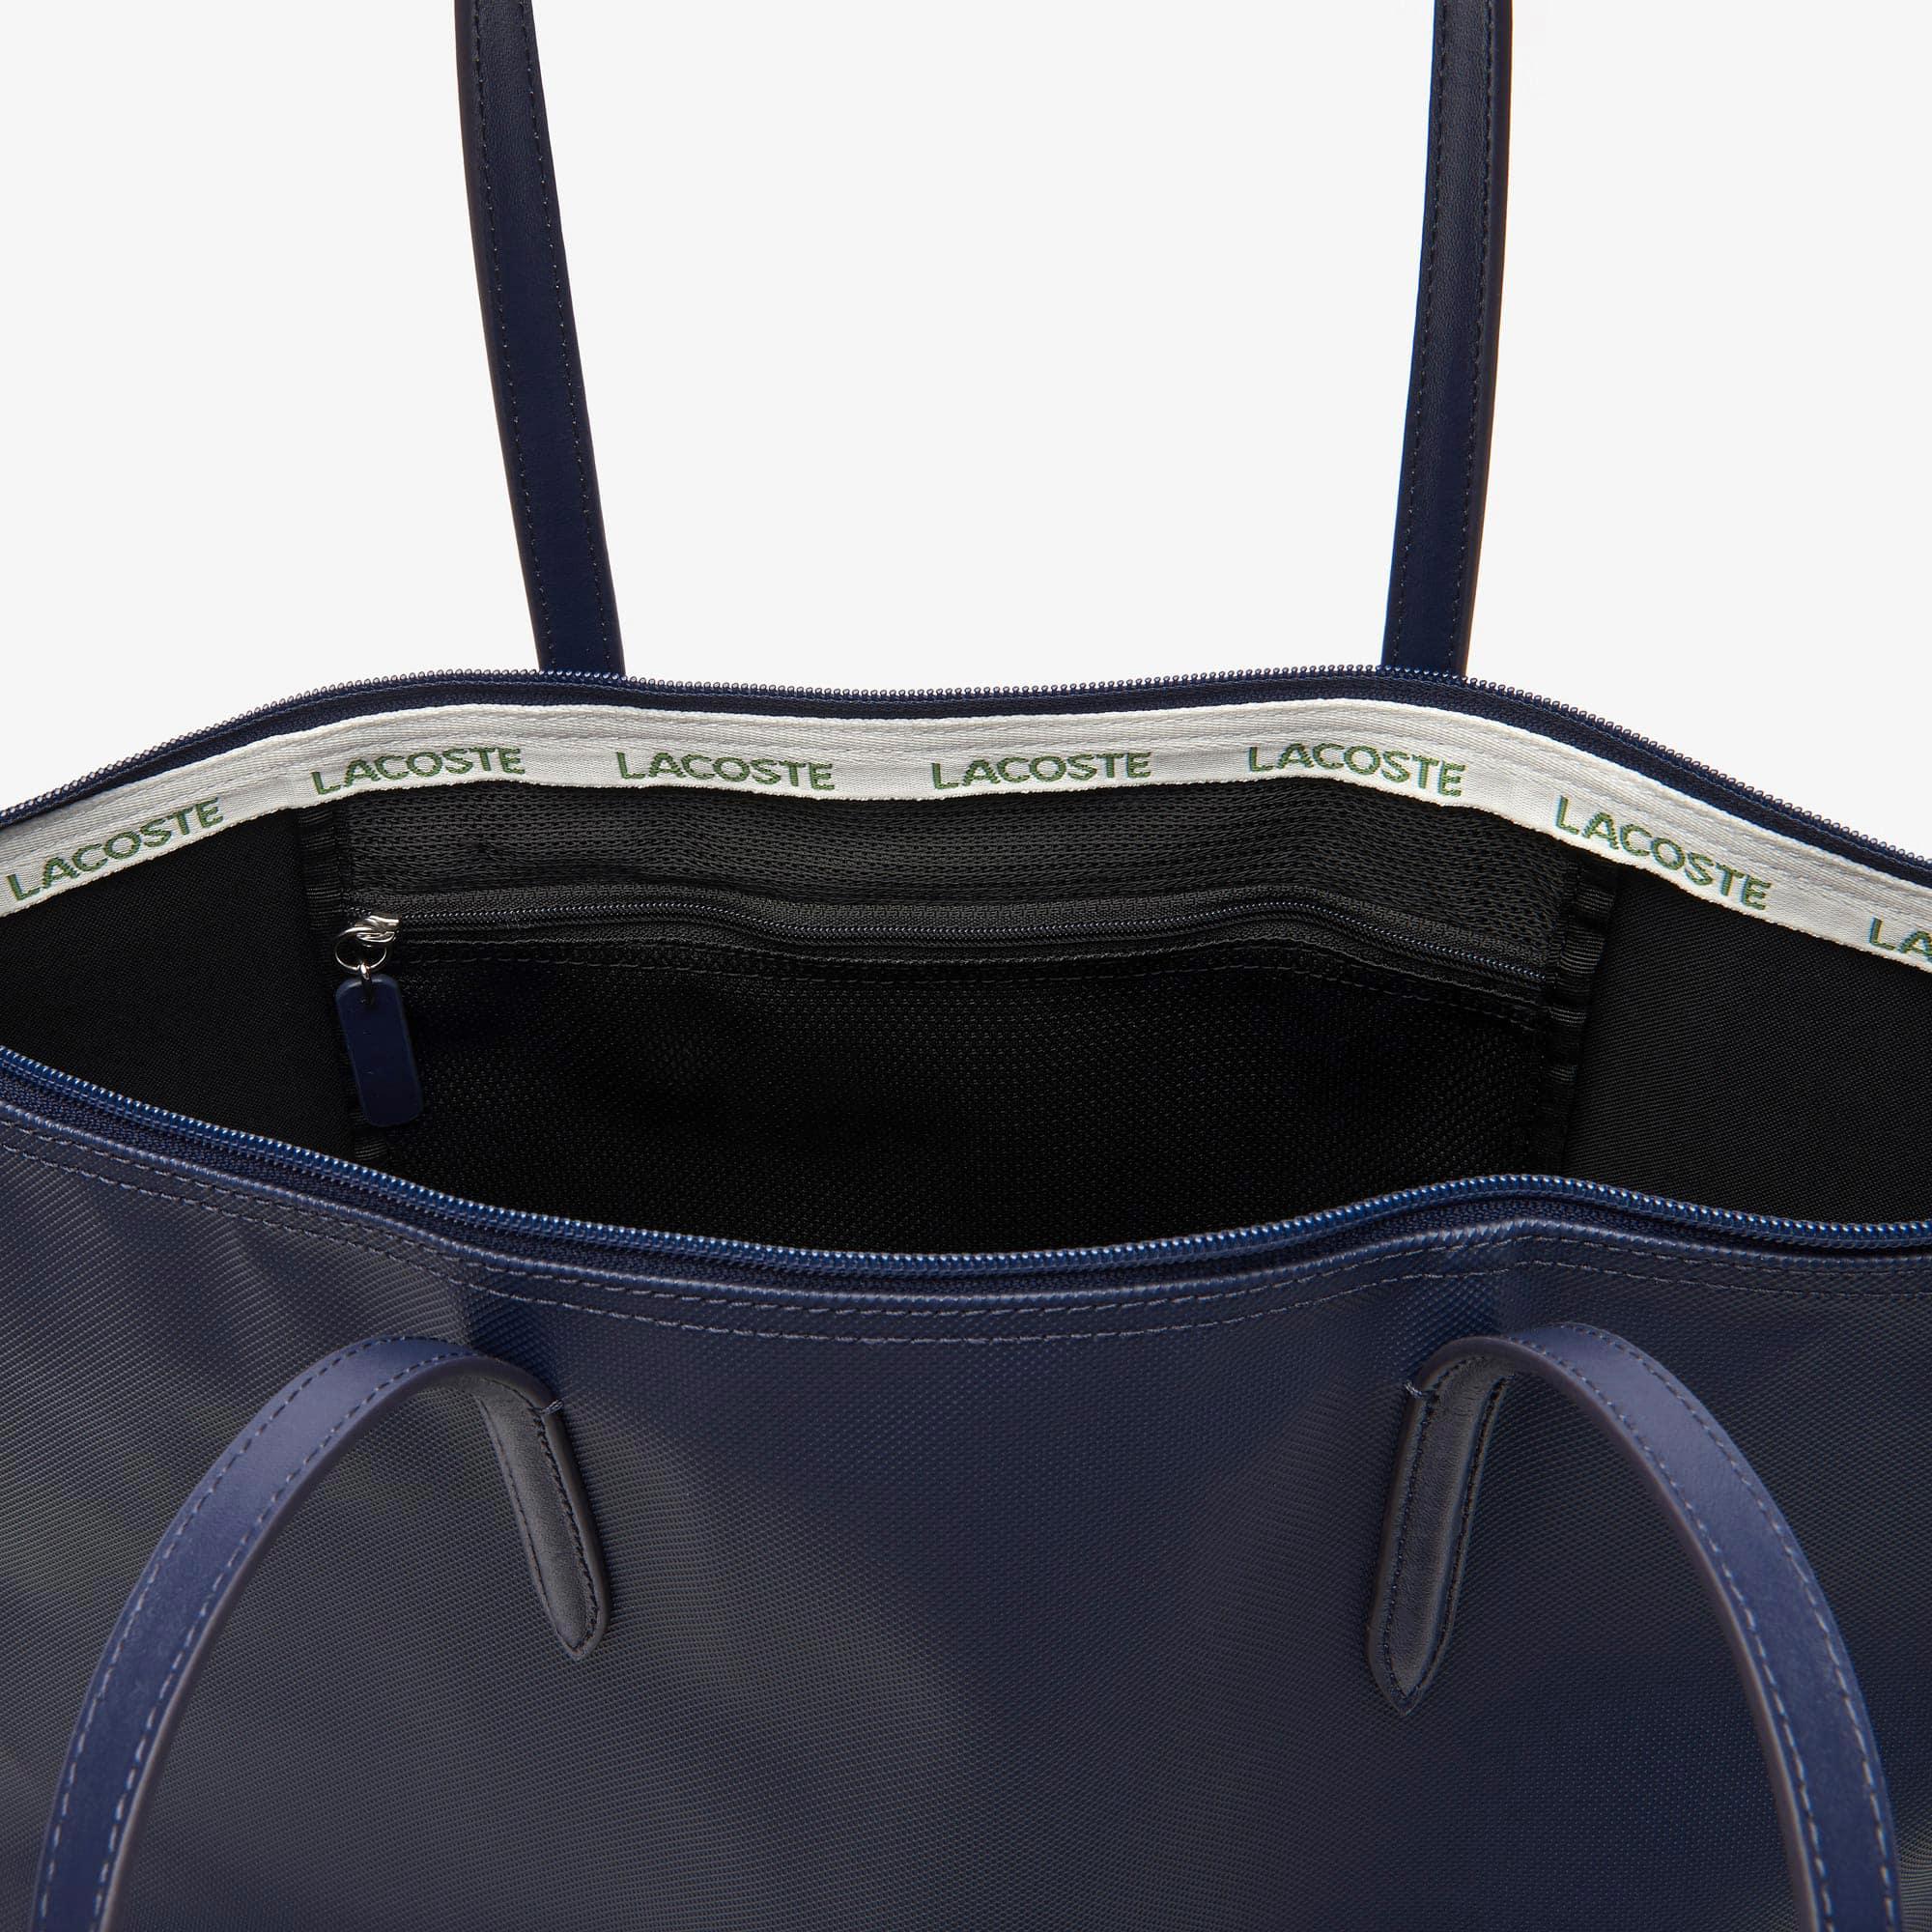 Sac L 12 Cabas Zippé 12 Concept Uni OkuPZXiT